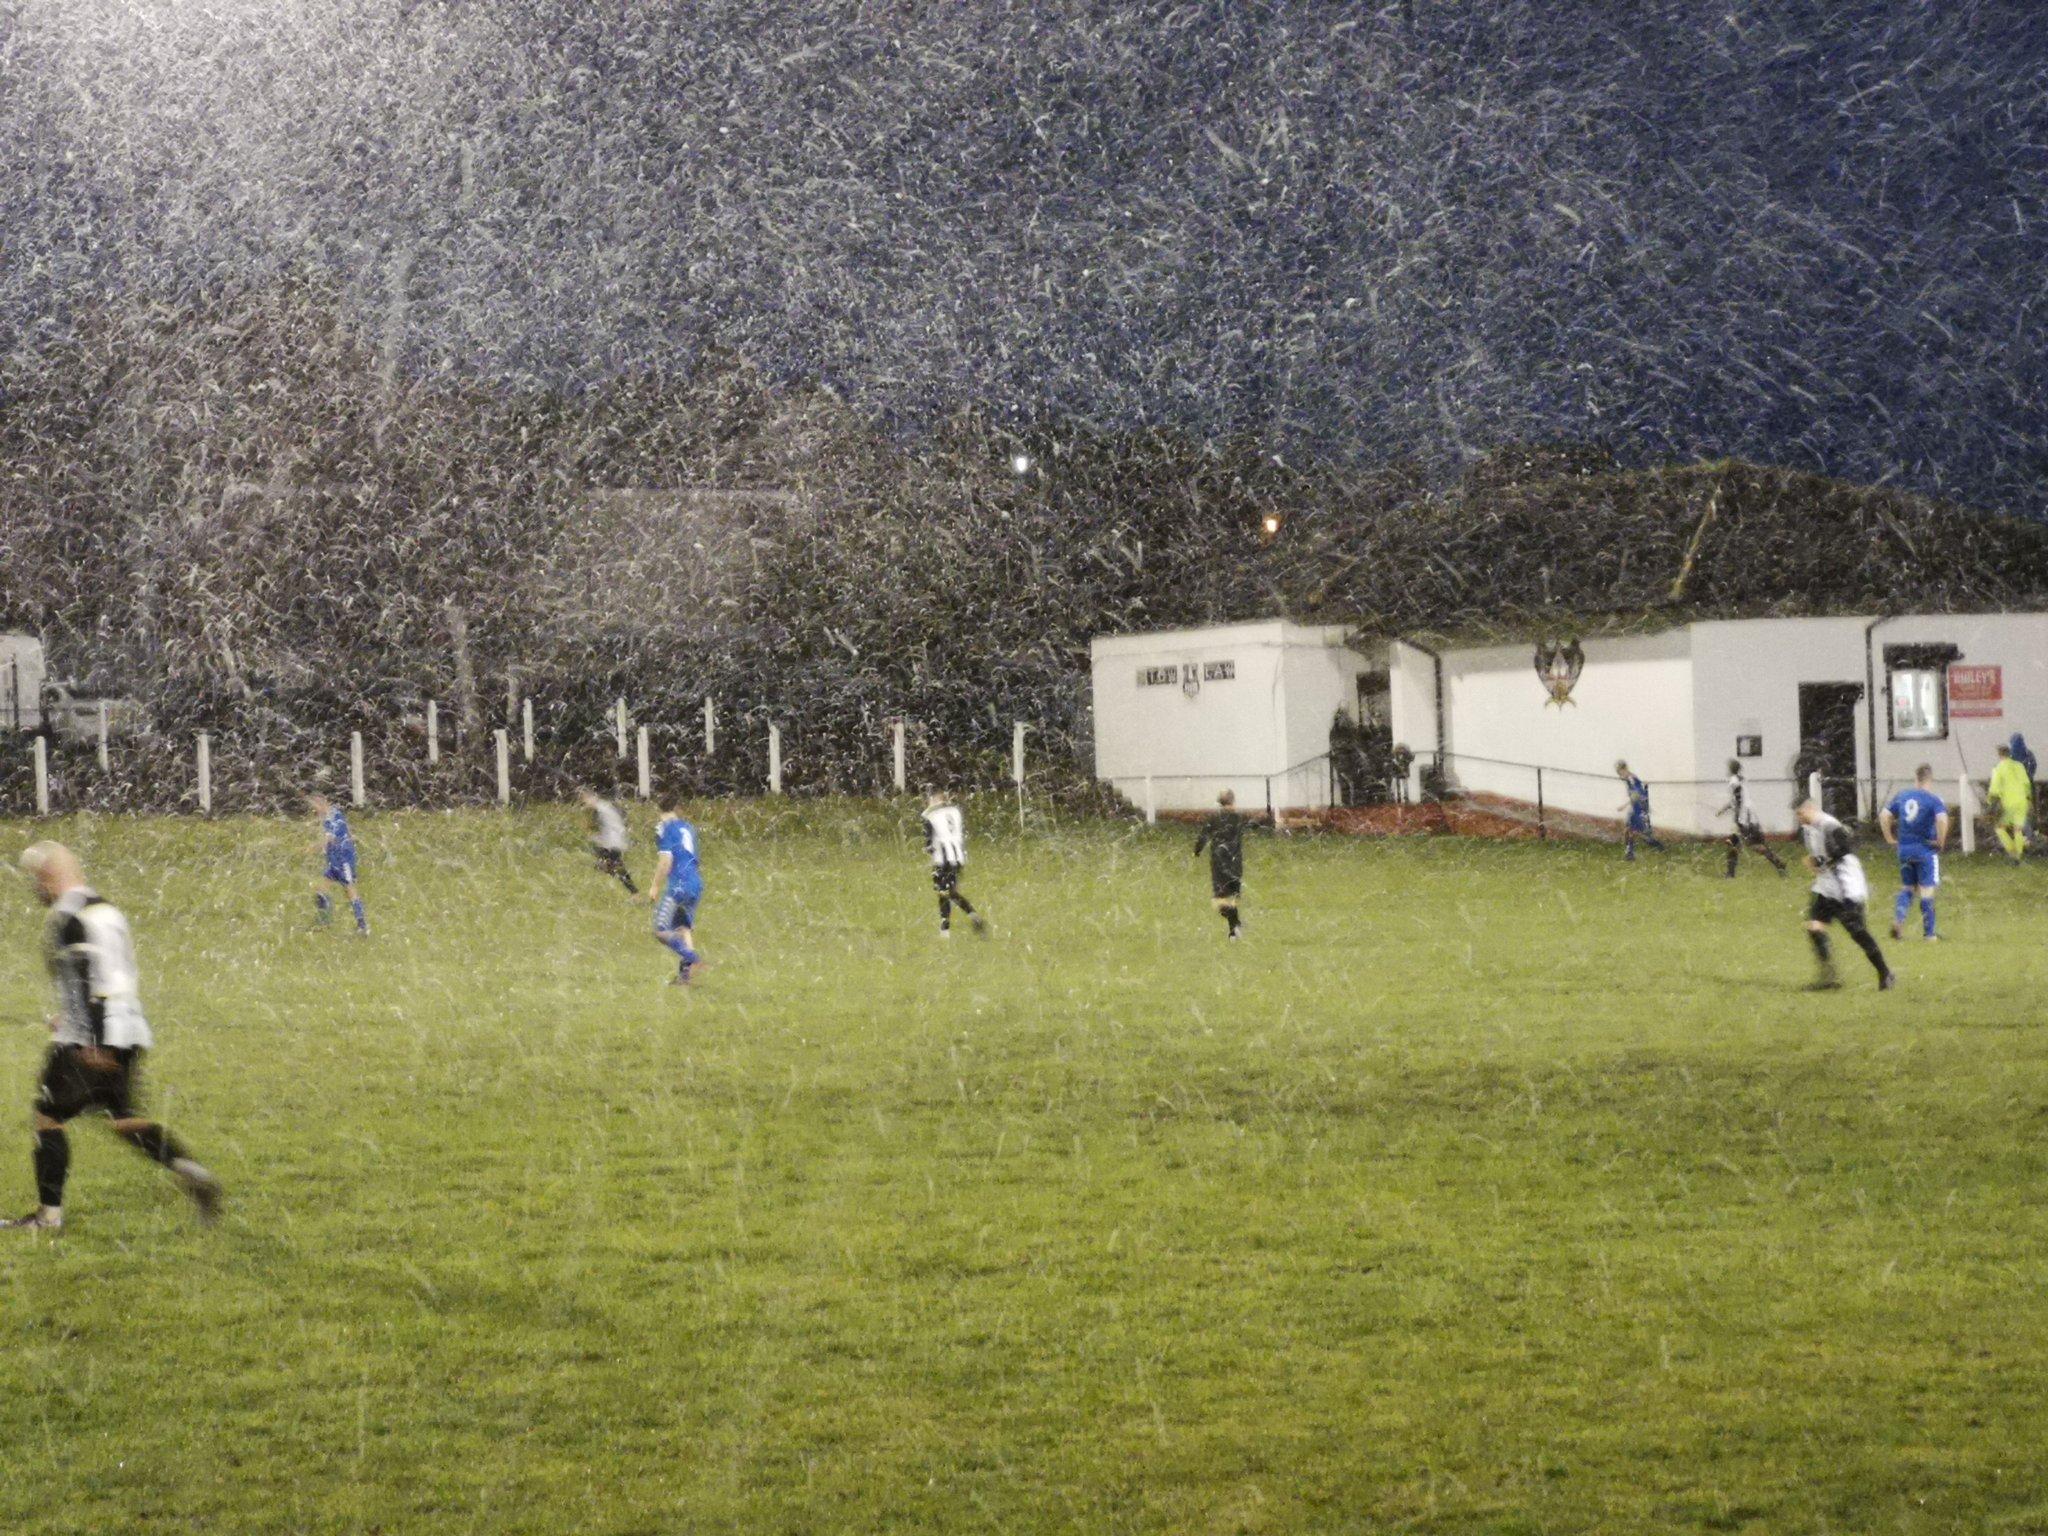 Клуб из английских низов сделает на форме логотип ютуб-канала: блогер помог собрать деньги на зарплаты и заботу о стадионе